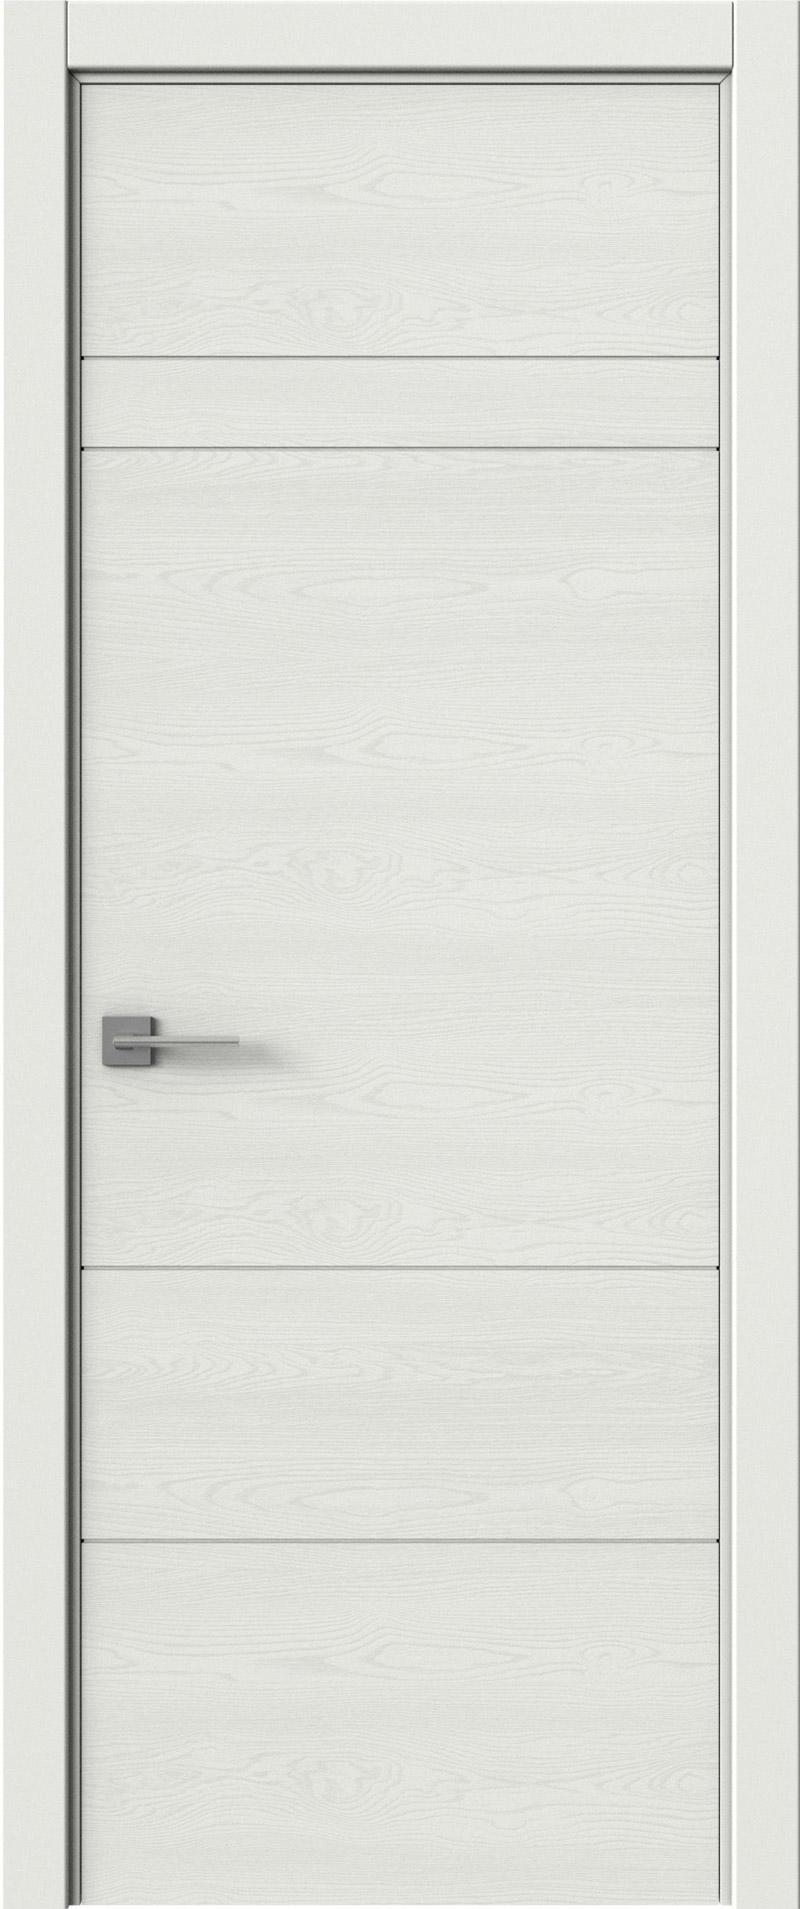 Tivoli К-2 цвет - Белая эмаль по шпону (RAL 9003) Без стекла (ДГ)